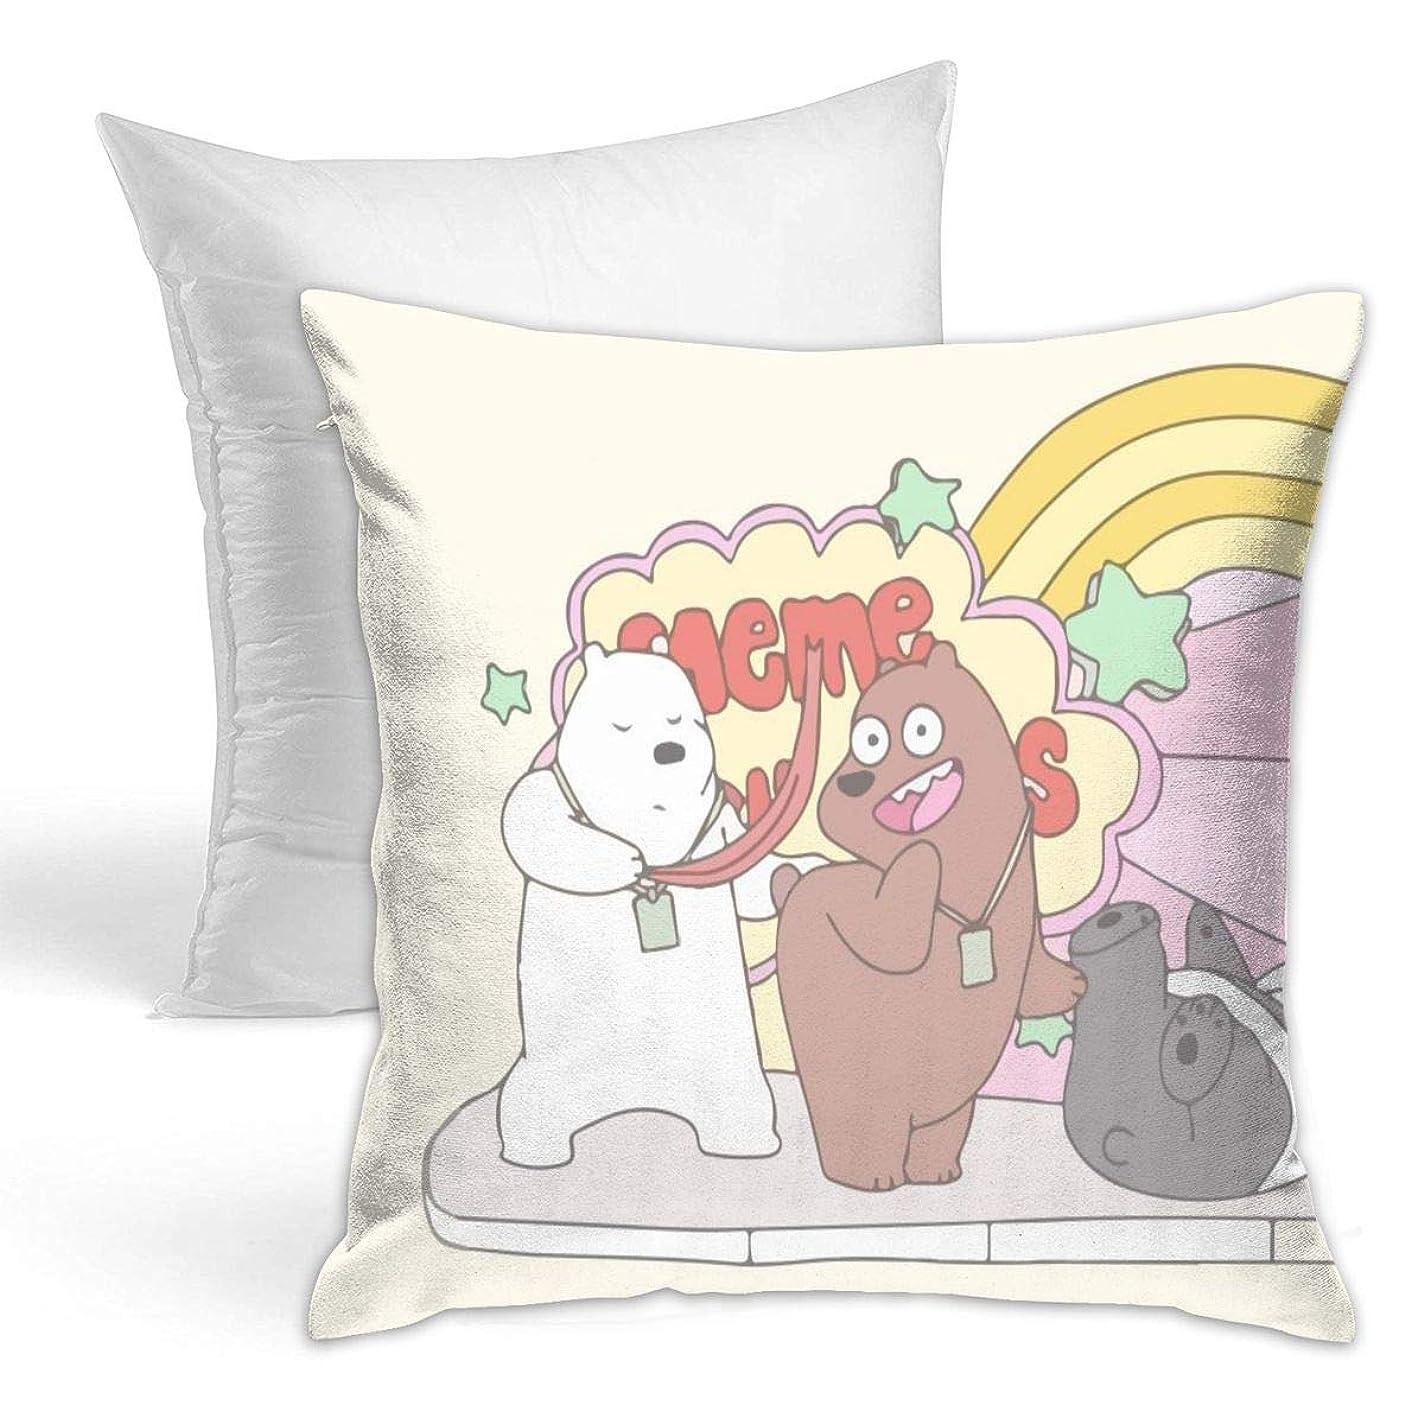 ペニー成り立つ禁止するシンプルなデザインの固体クッションカバーリネンクッション車とソファ枕 私たちは裸のクマです